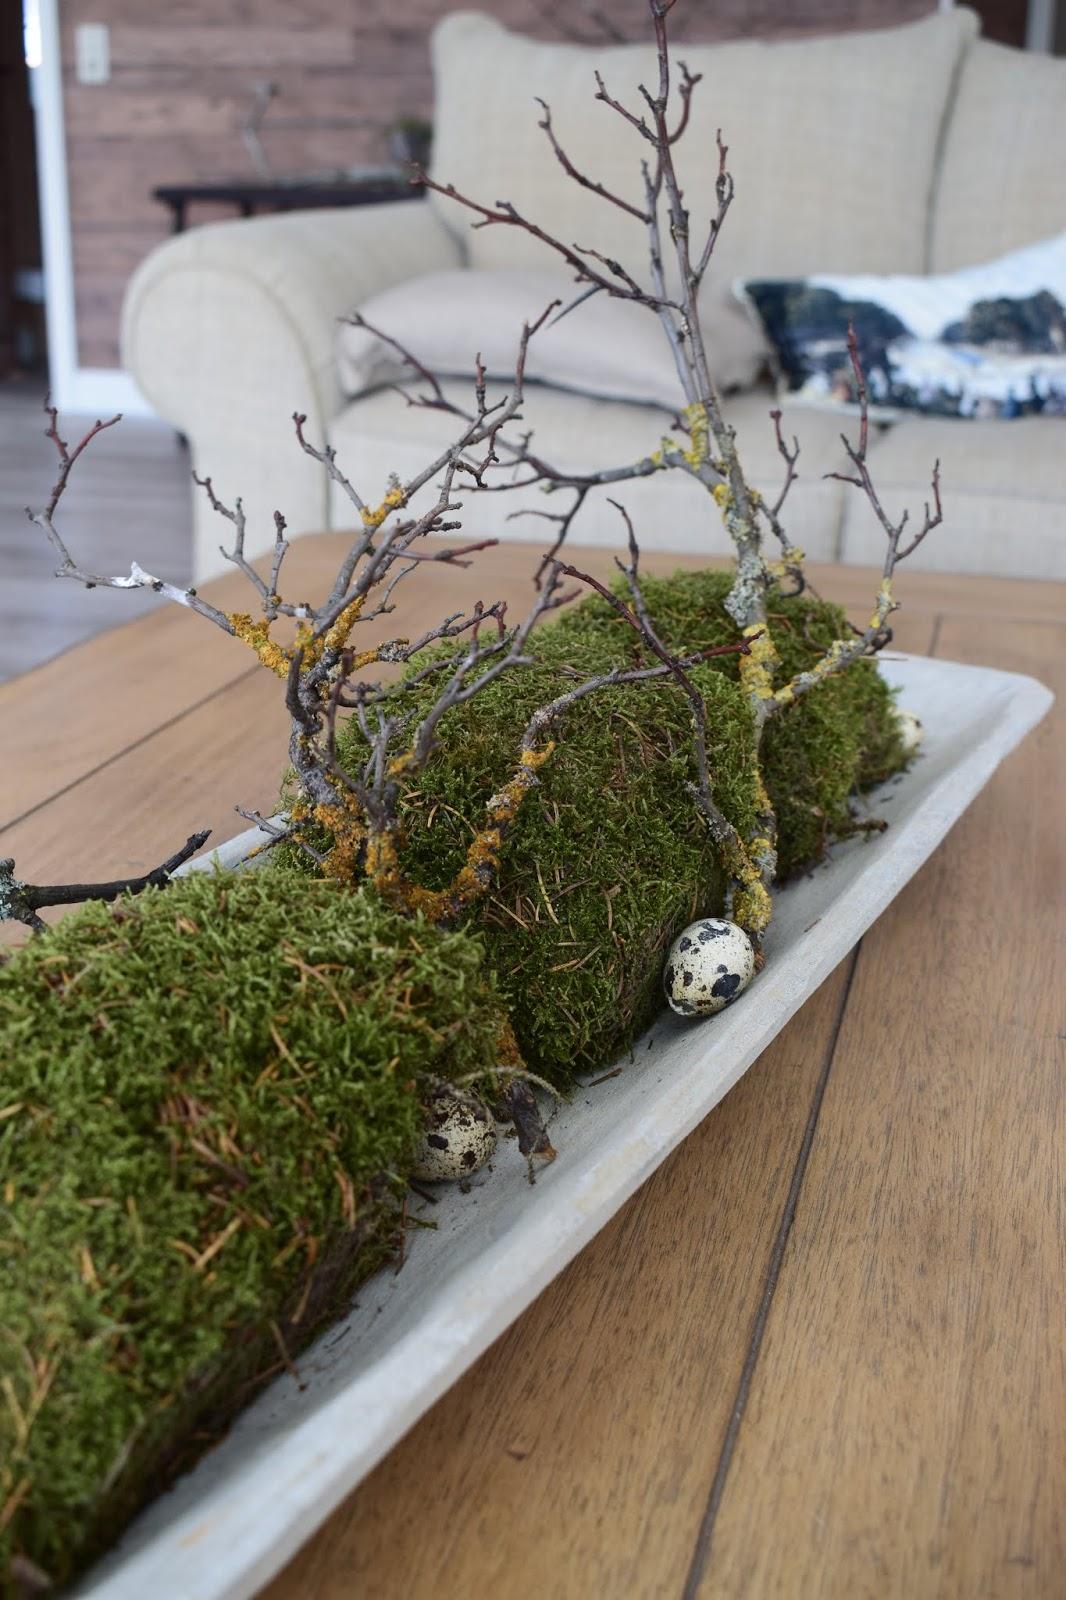 Deko mit Natur Moos Geäst Wachteleier einfach selbermachen Osterdeko dezent elegant Ostern Tischdeko Dekoidee dekorieren